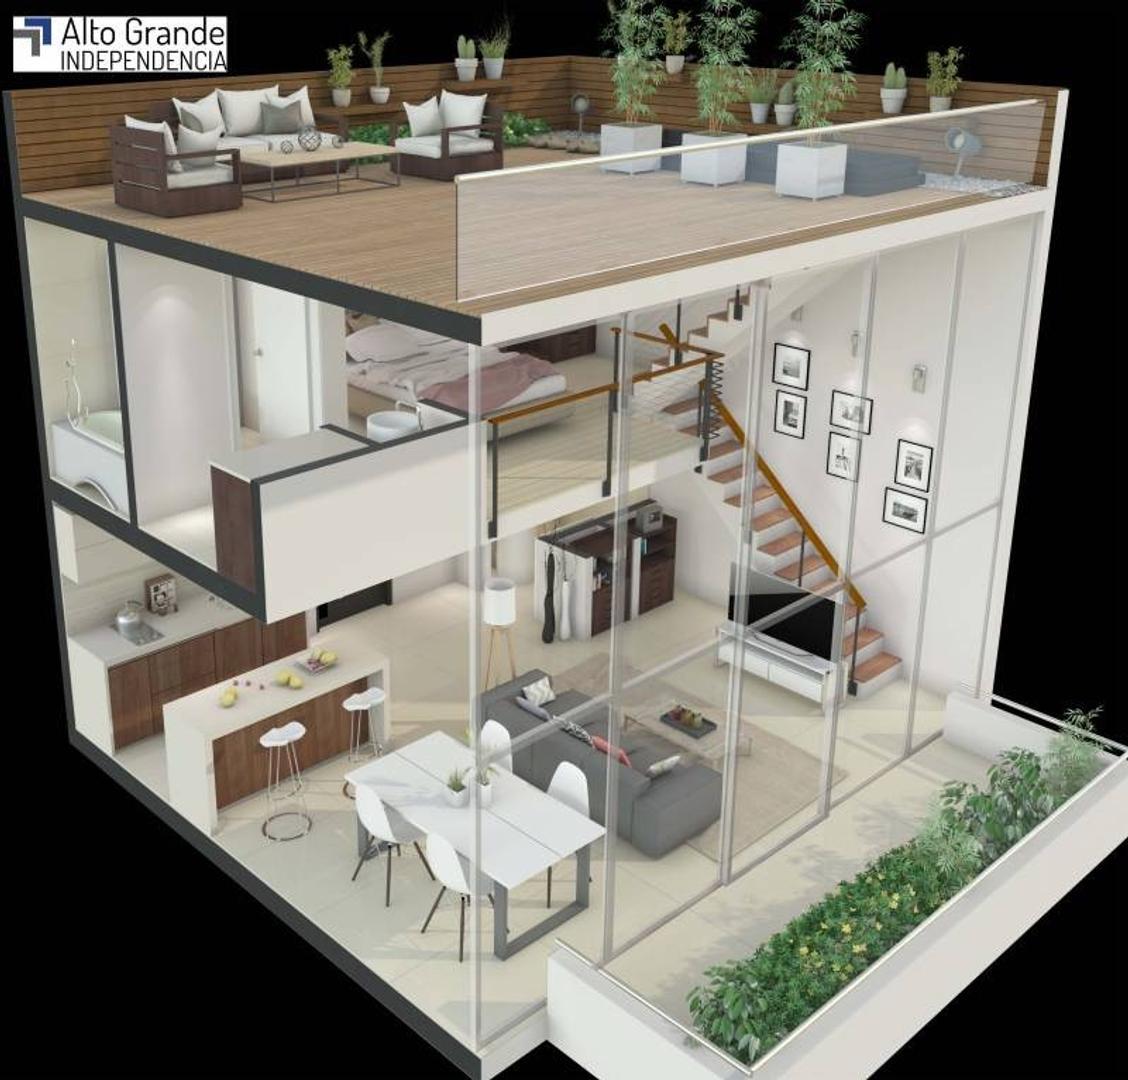 Venta Departamento 2amb mas terraza Duplex esquina Av. Independencia y Bolivar al 800 San Telmo